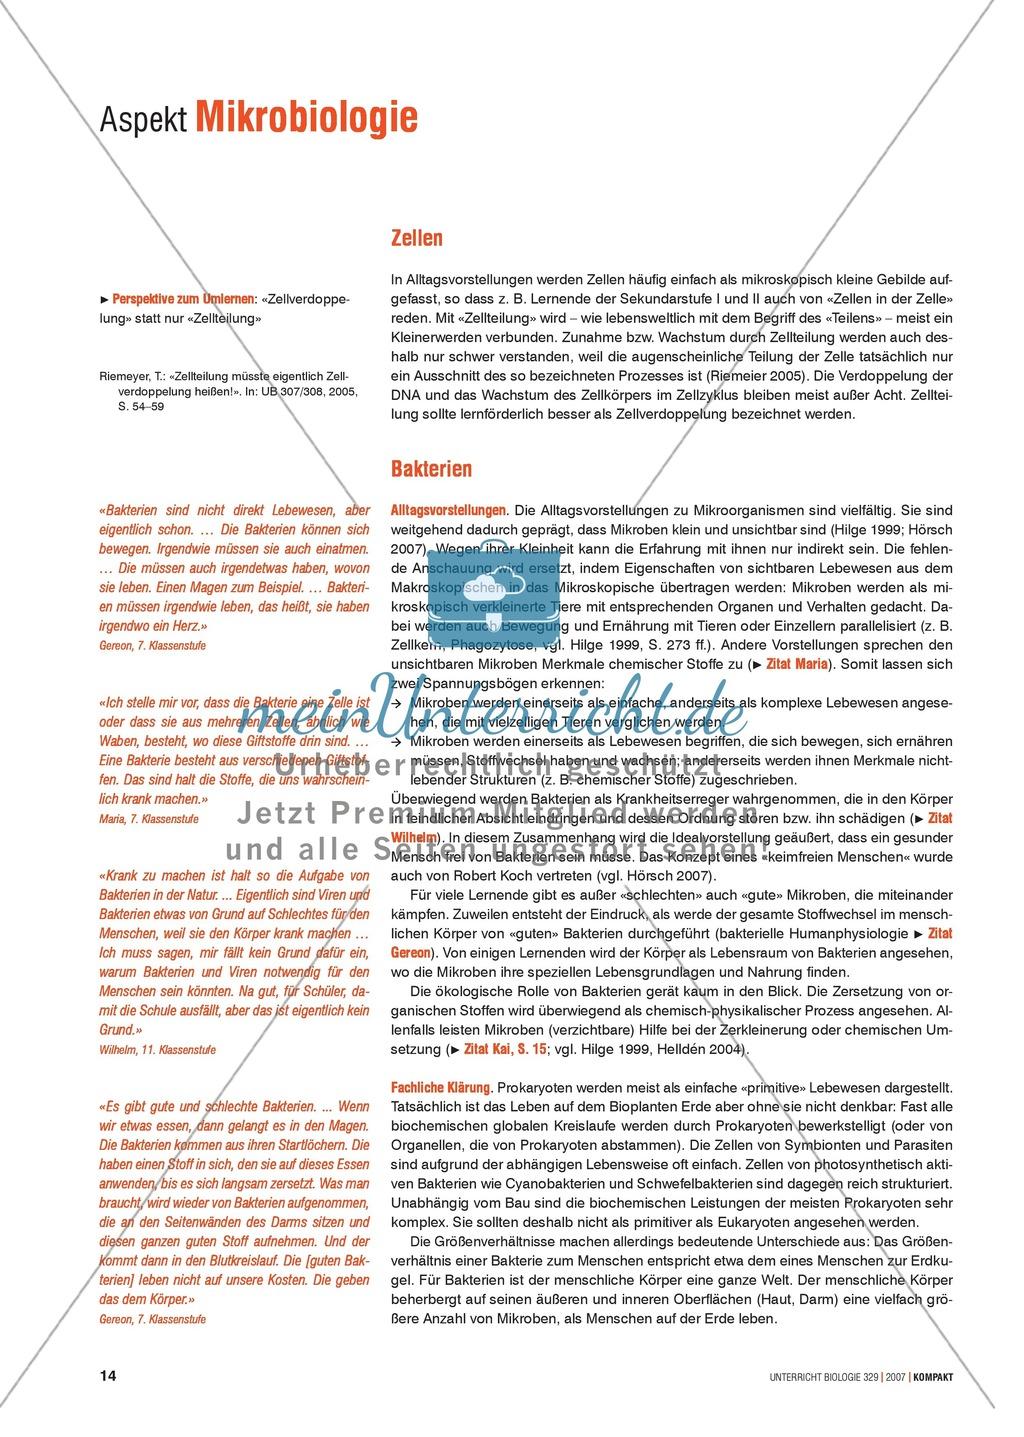 Alltagsvorstellungen zur Mikrobiologie - Zellen und Bakterien: Info-Text und Aufgaben Preview 0